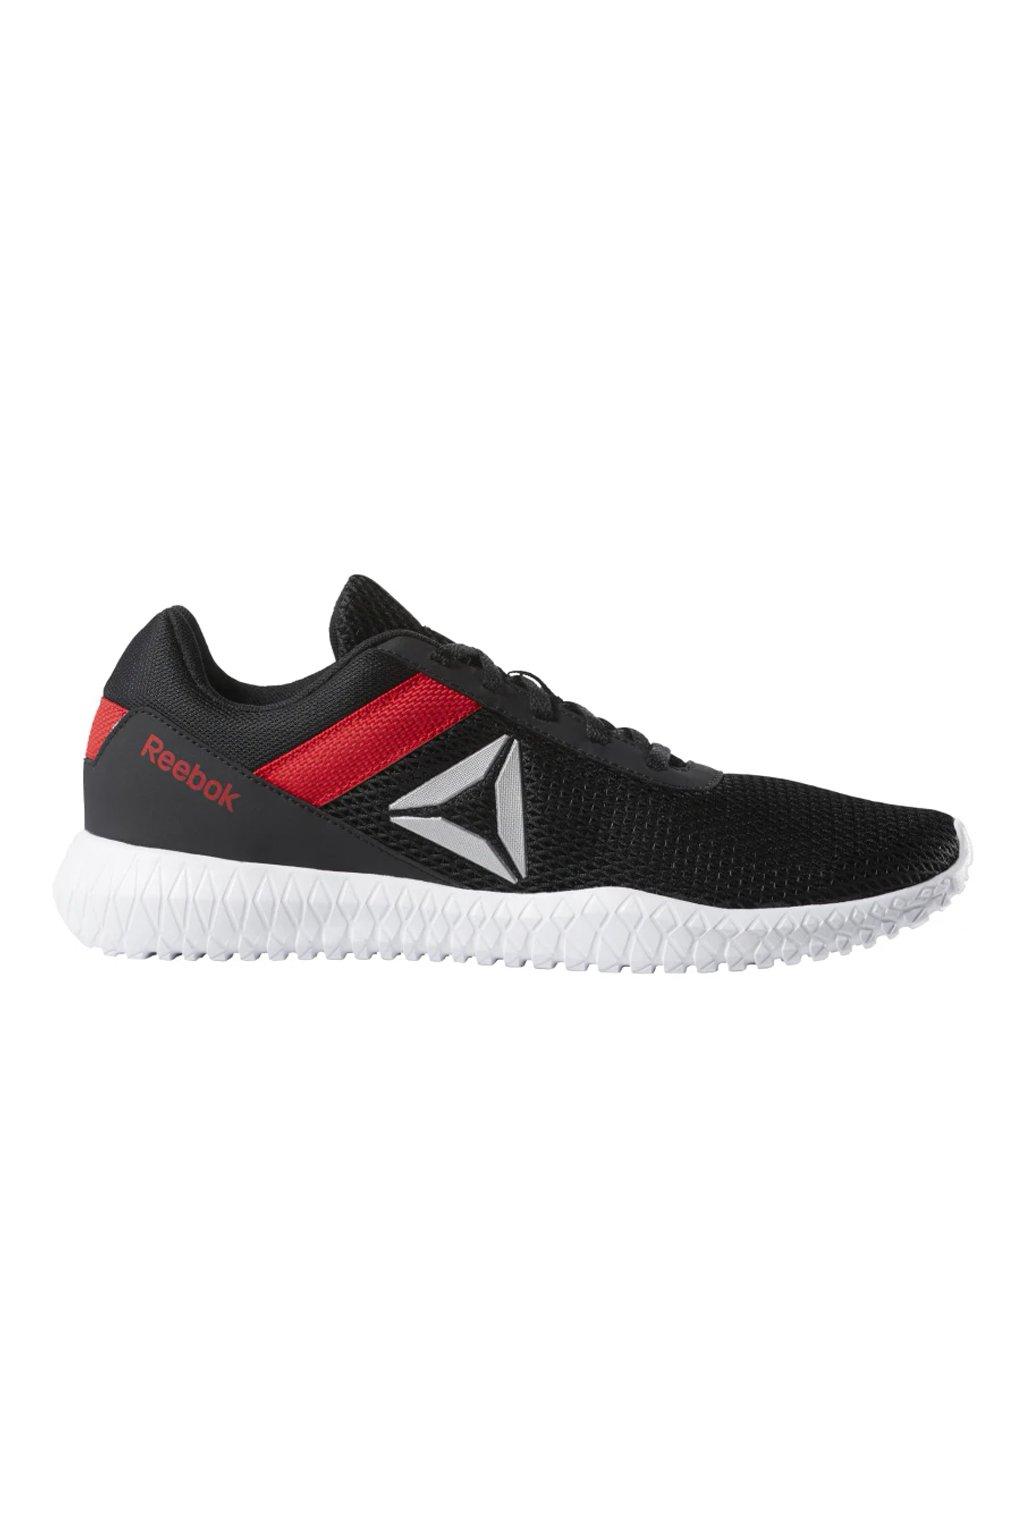 Pánska obuv Reebok Flexagon Energy čierne DV4777